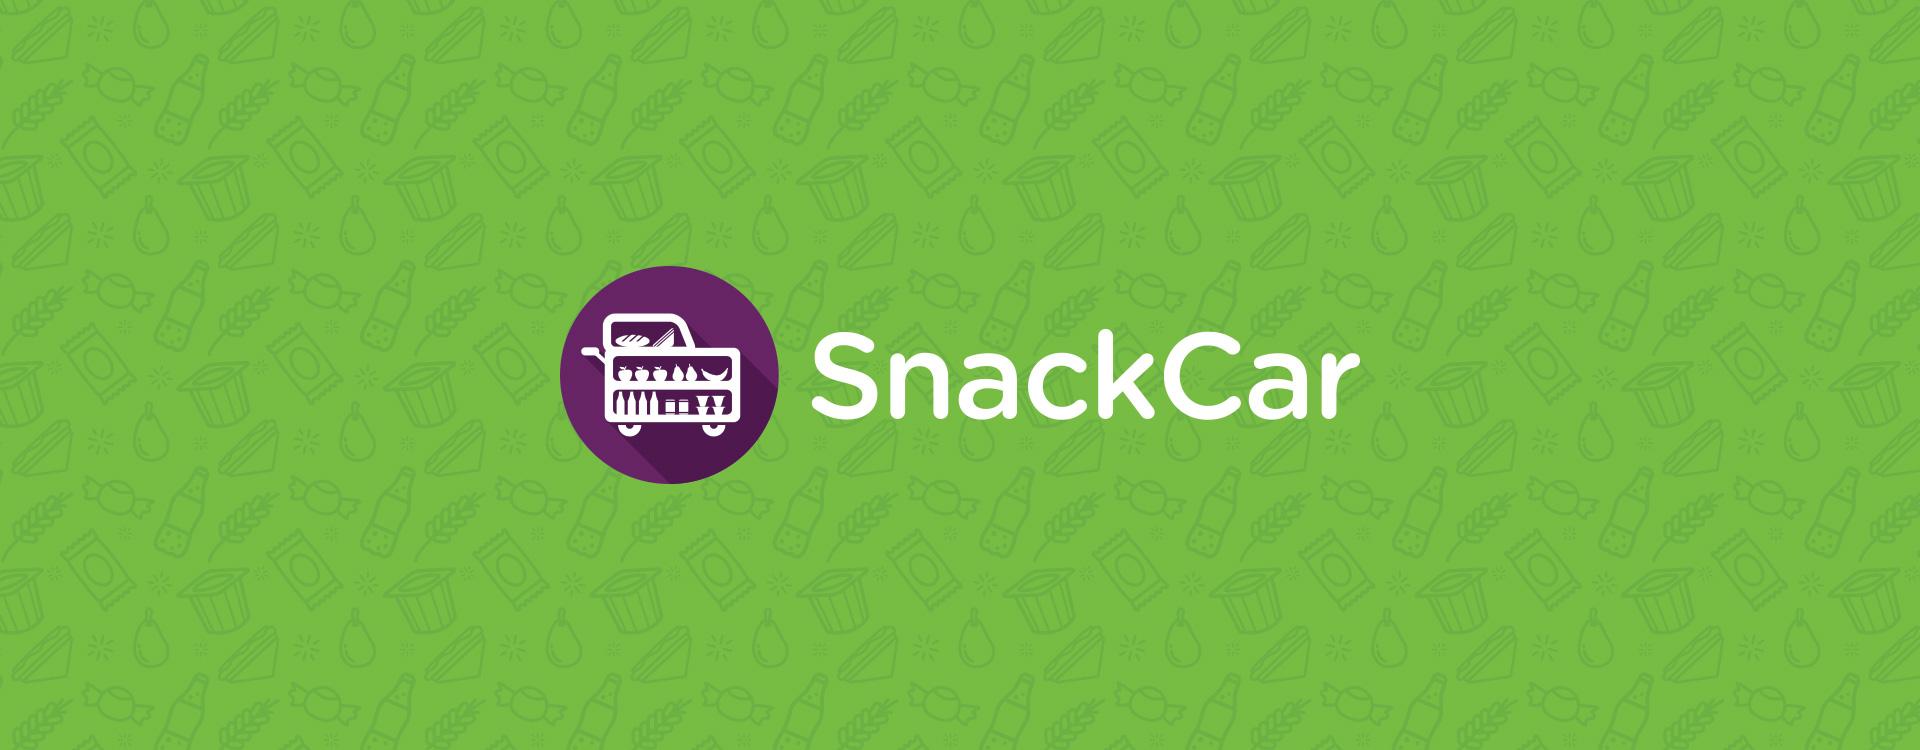 Snack Car